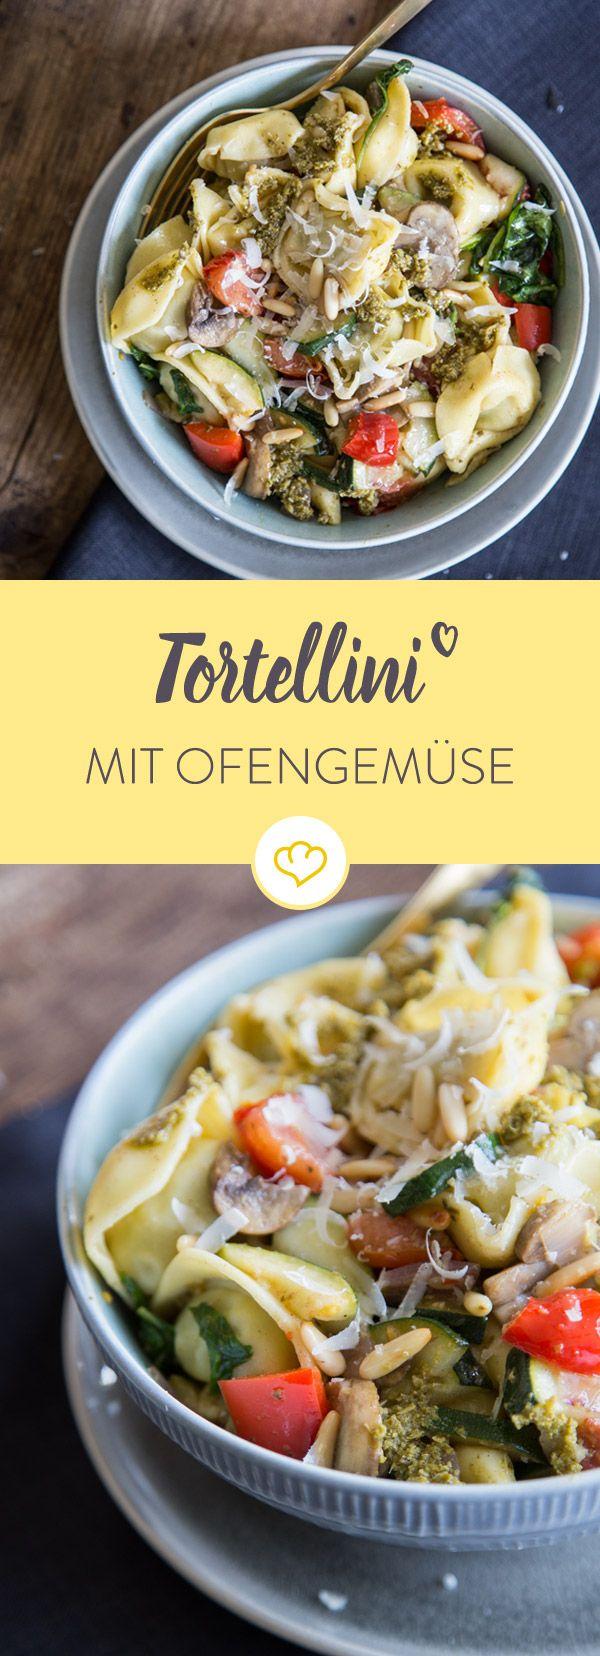 Für deinen Pastahunger: Gönn dir an deinem Feierabend schnelle Tortellini mit Pesto und leckerem Ofengemüse.